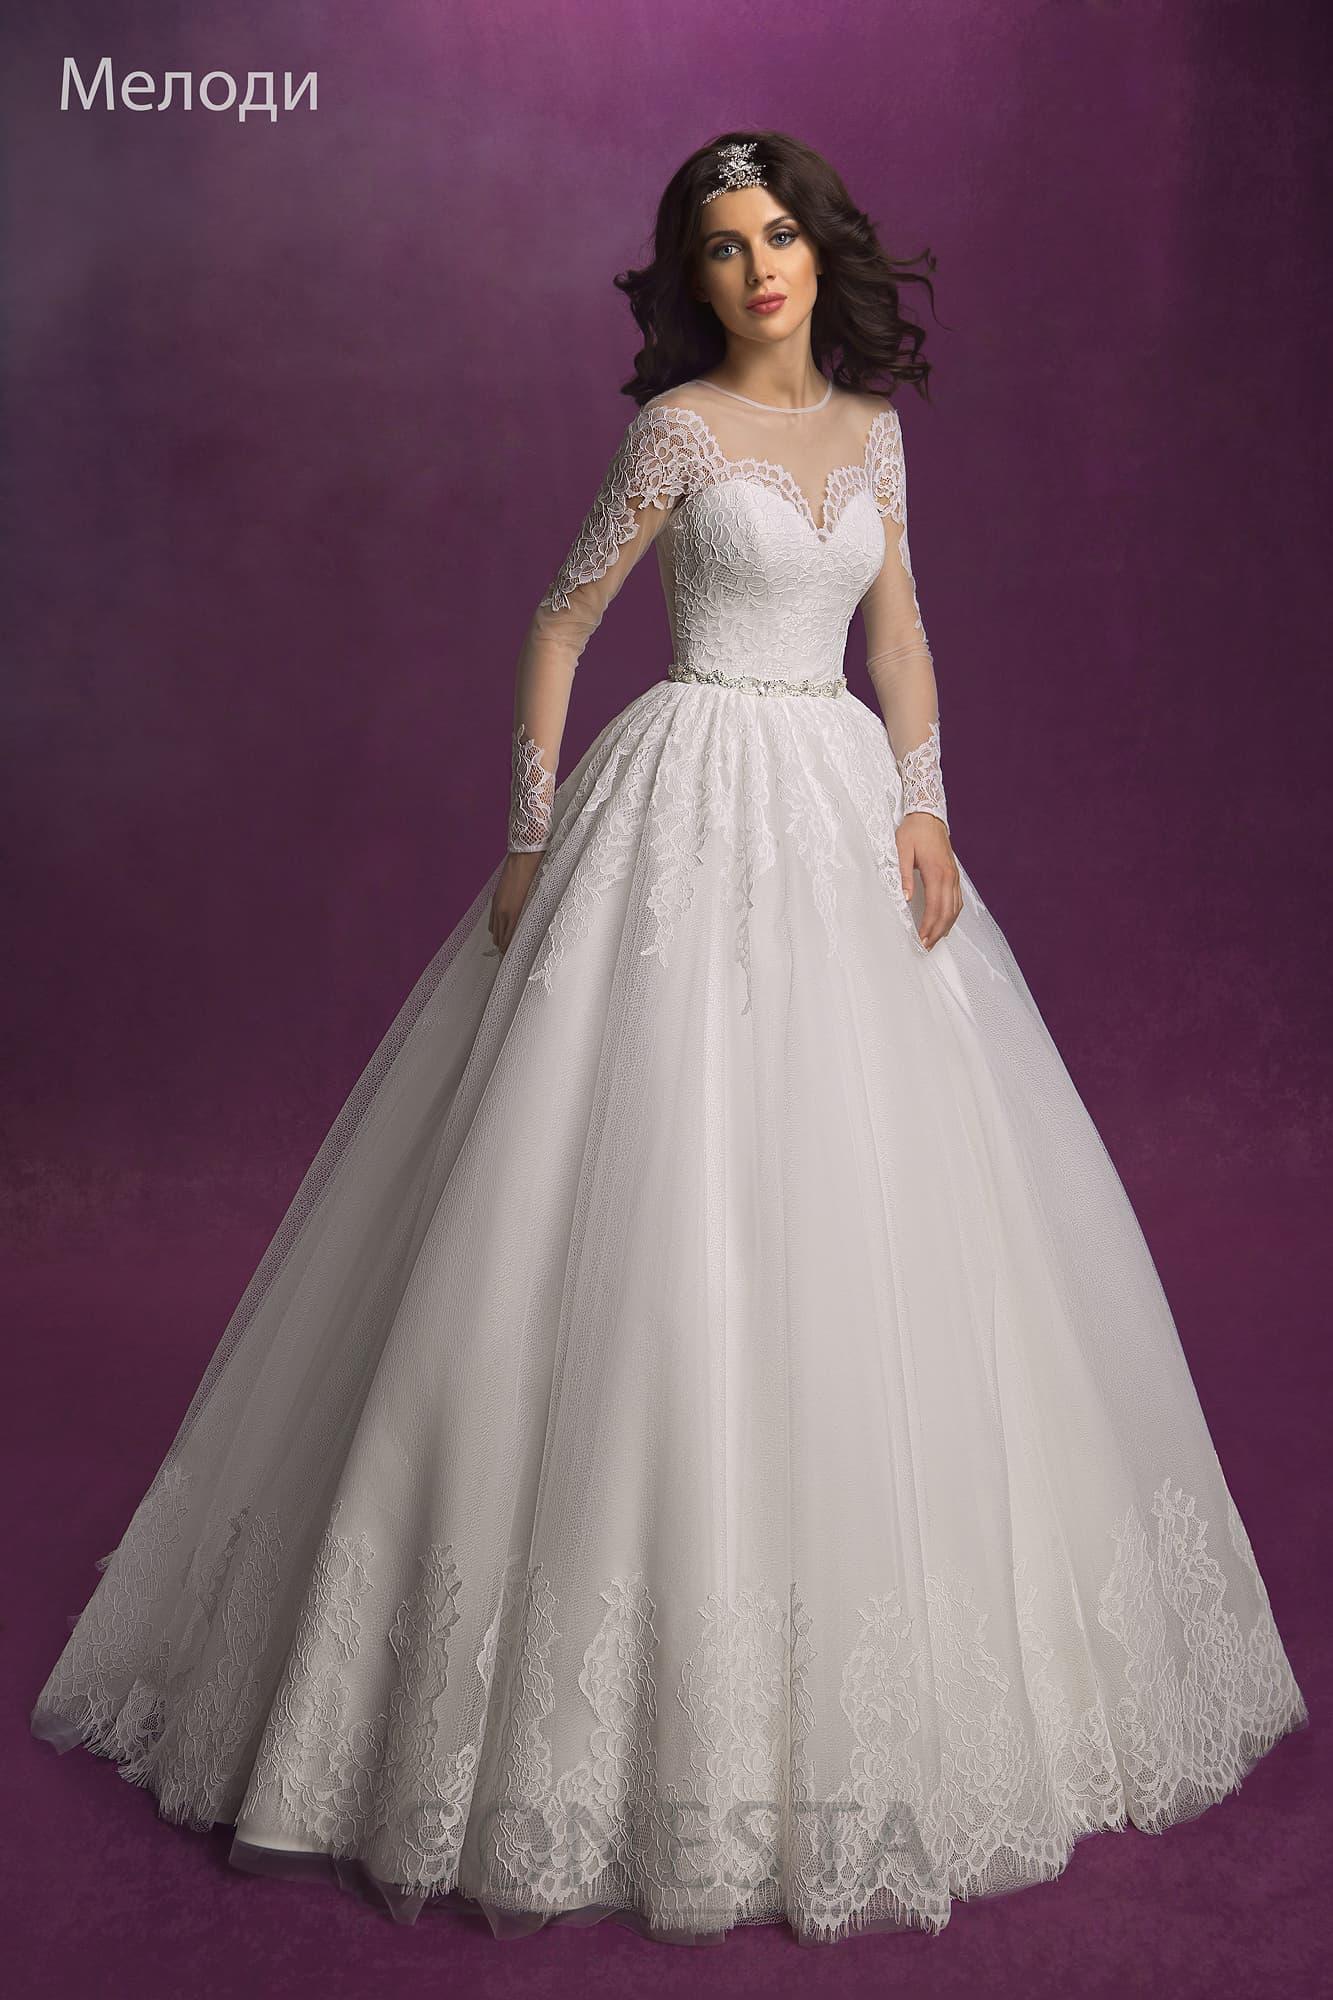 57680074a15 Пышное свадебное платье с длинными полупрозрачными рукавами и кружевным  декором подола.